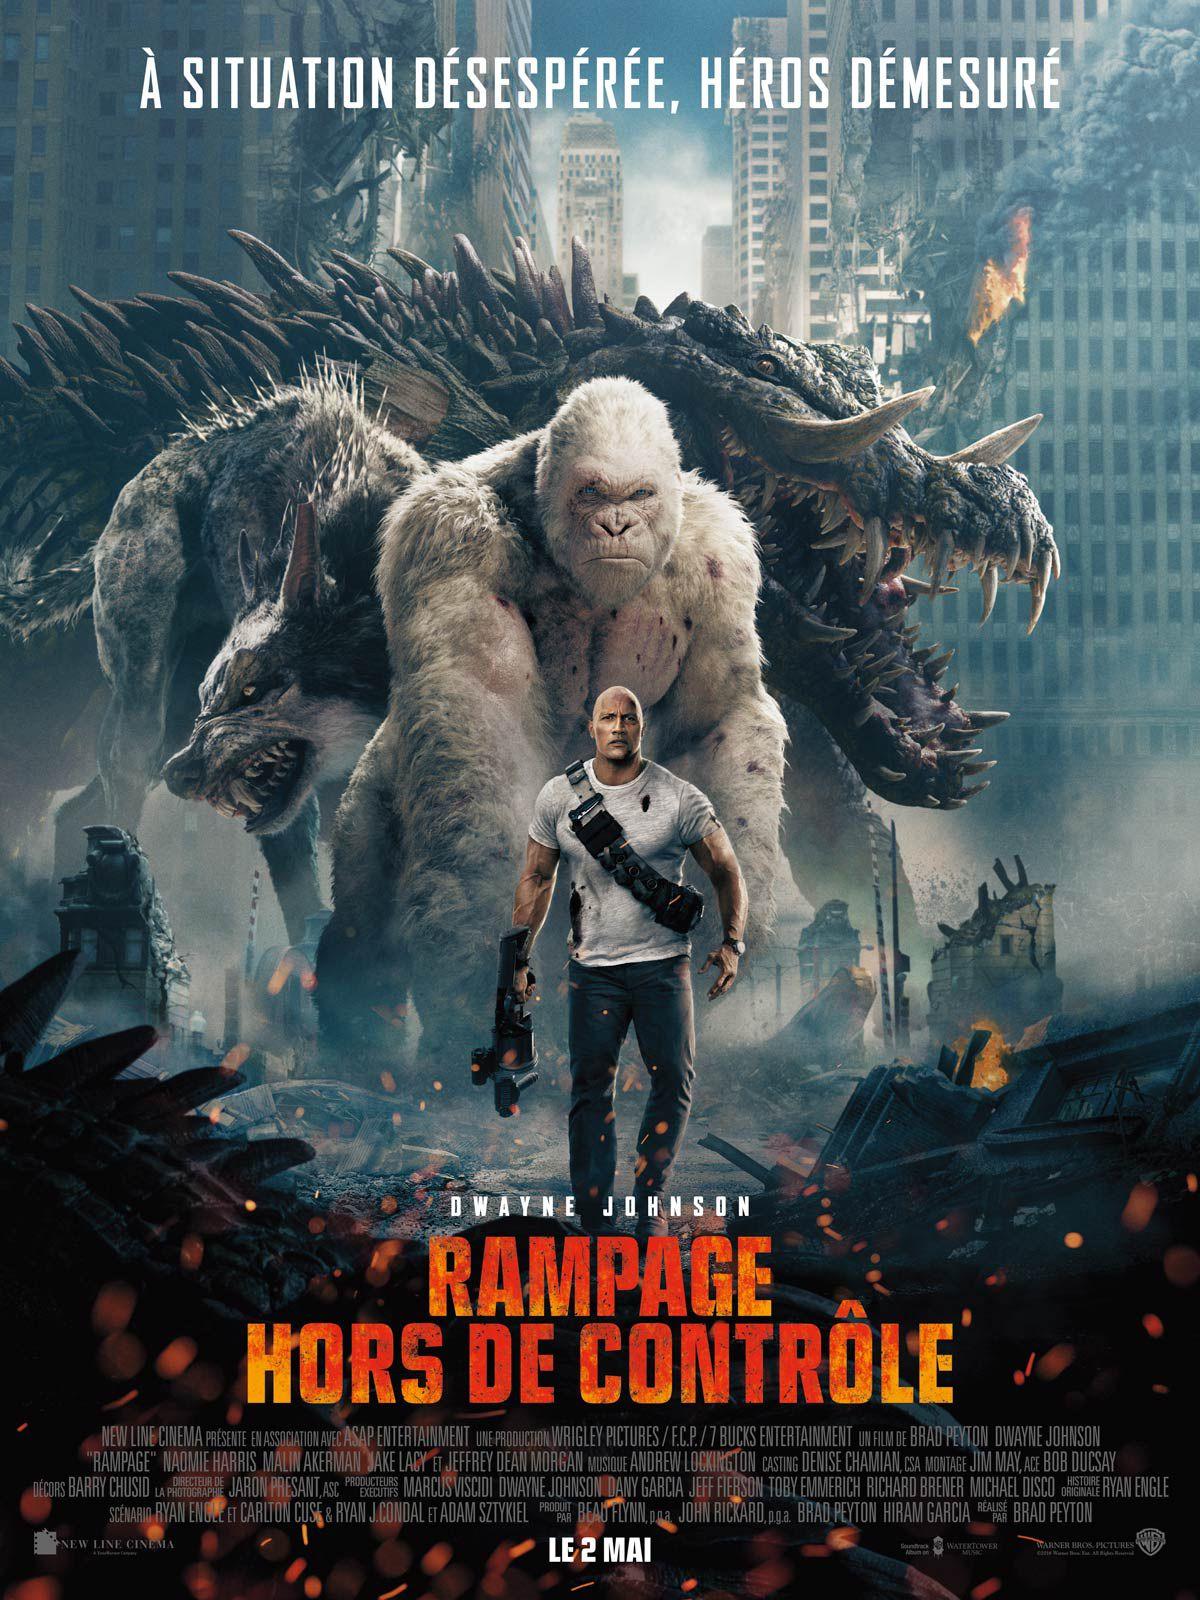 Rampage - Hors de contrôle - Film (2018)